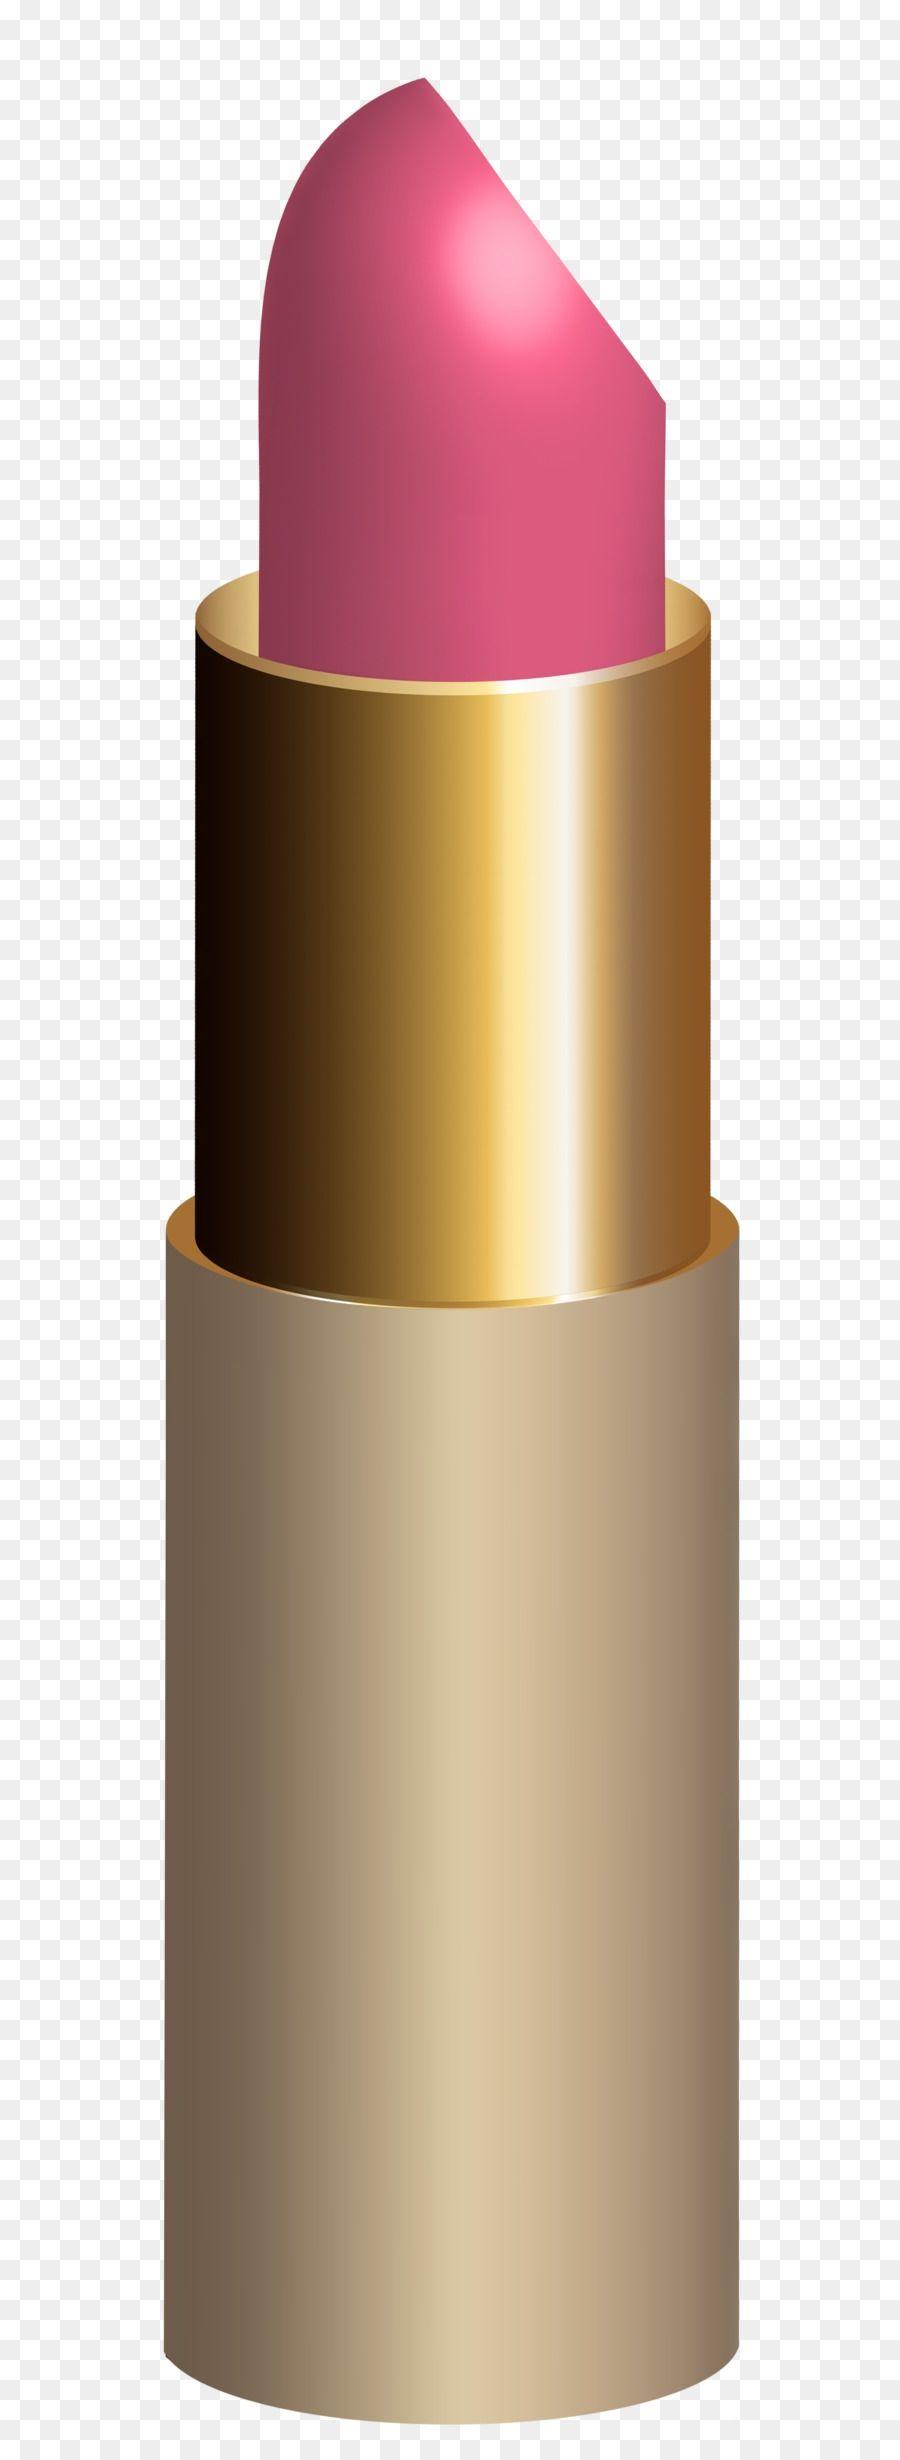 Lipstick Clipart Ideas In 2021 Clip Art Lip Wallpaper Lipstick